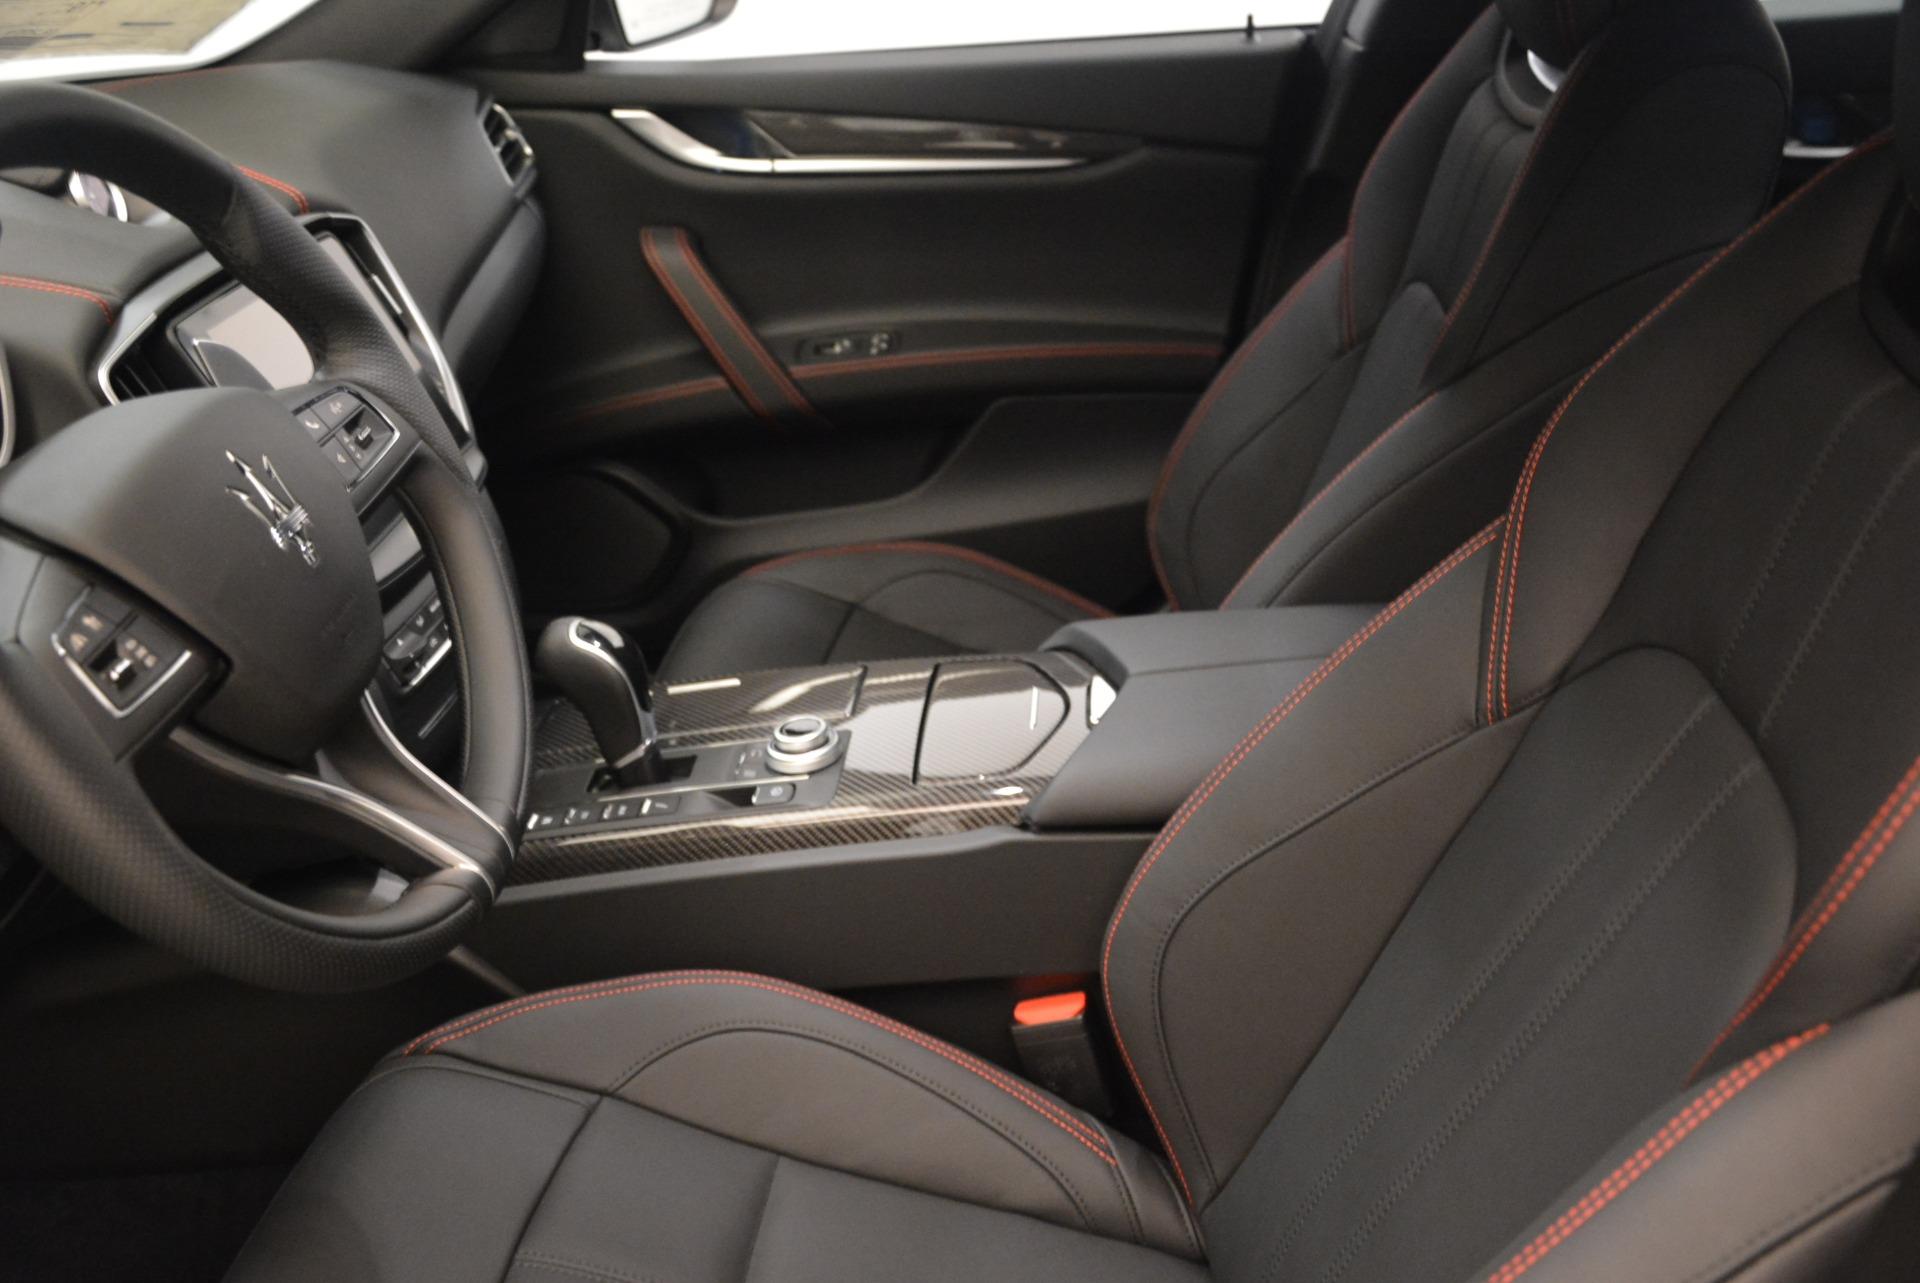 New 2018 Maserati Ghibli SQ4 GranSport Nerissimo For Sale In Greenwich, CT 2368_p14